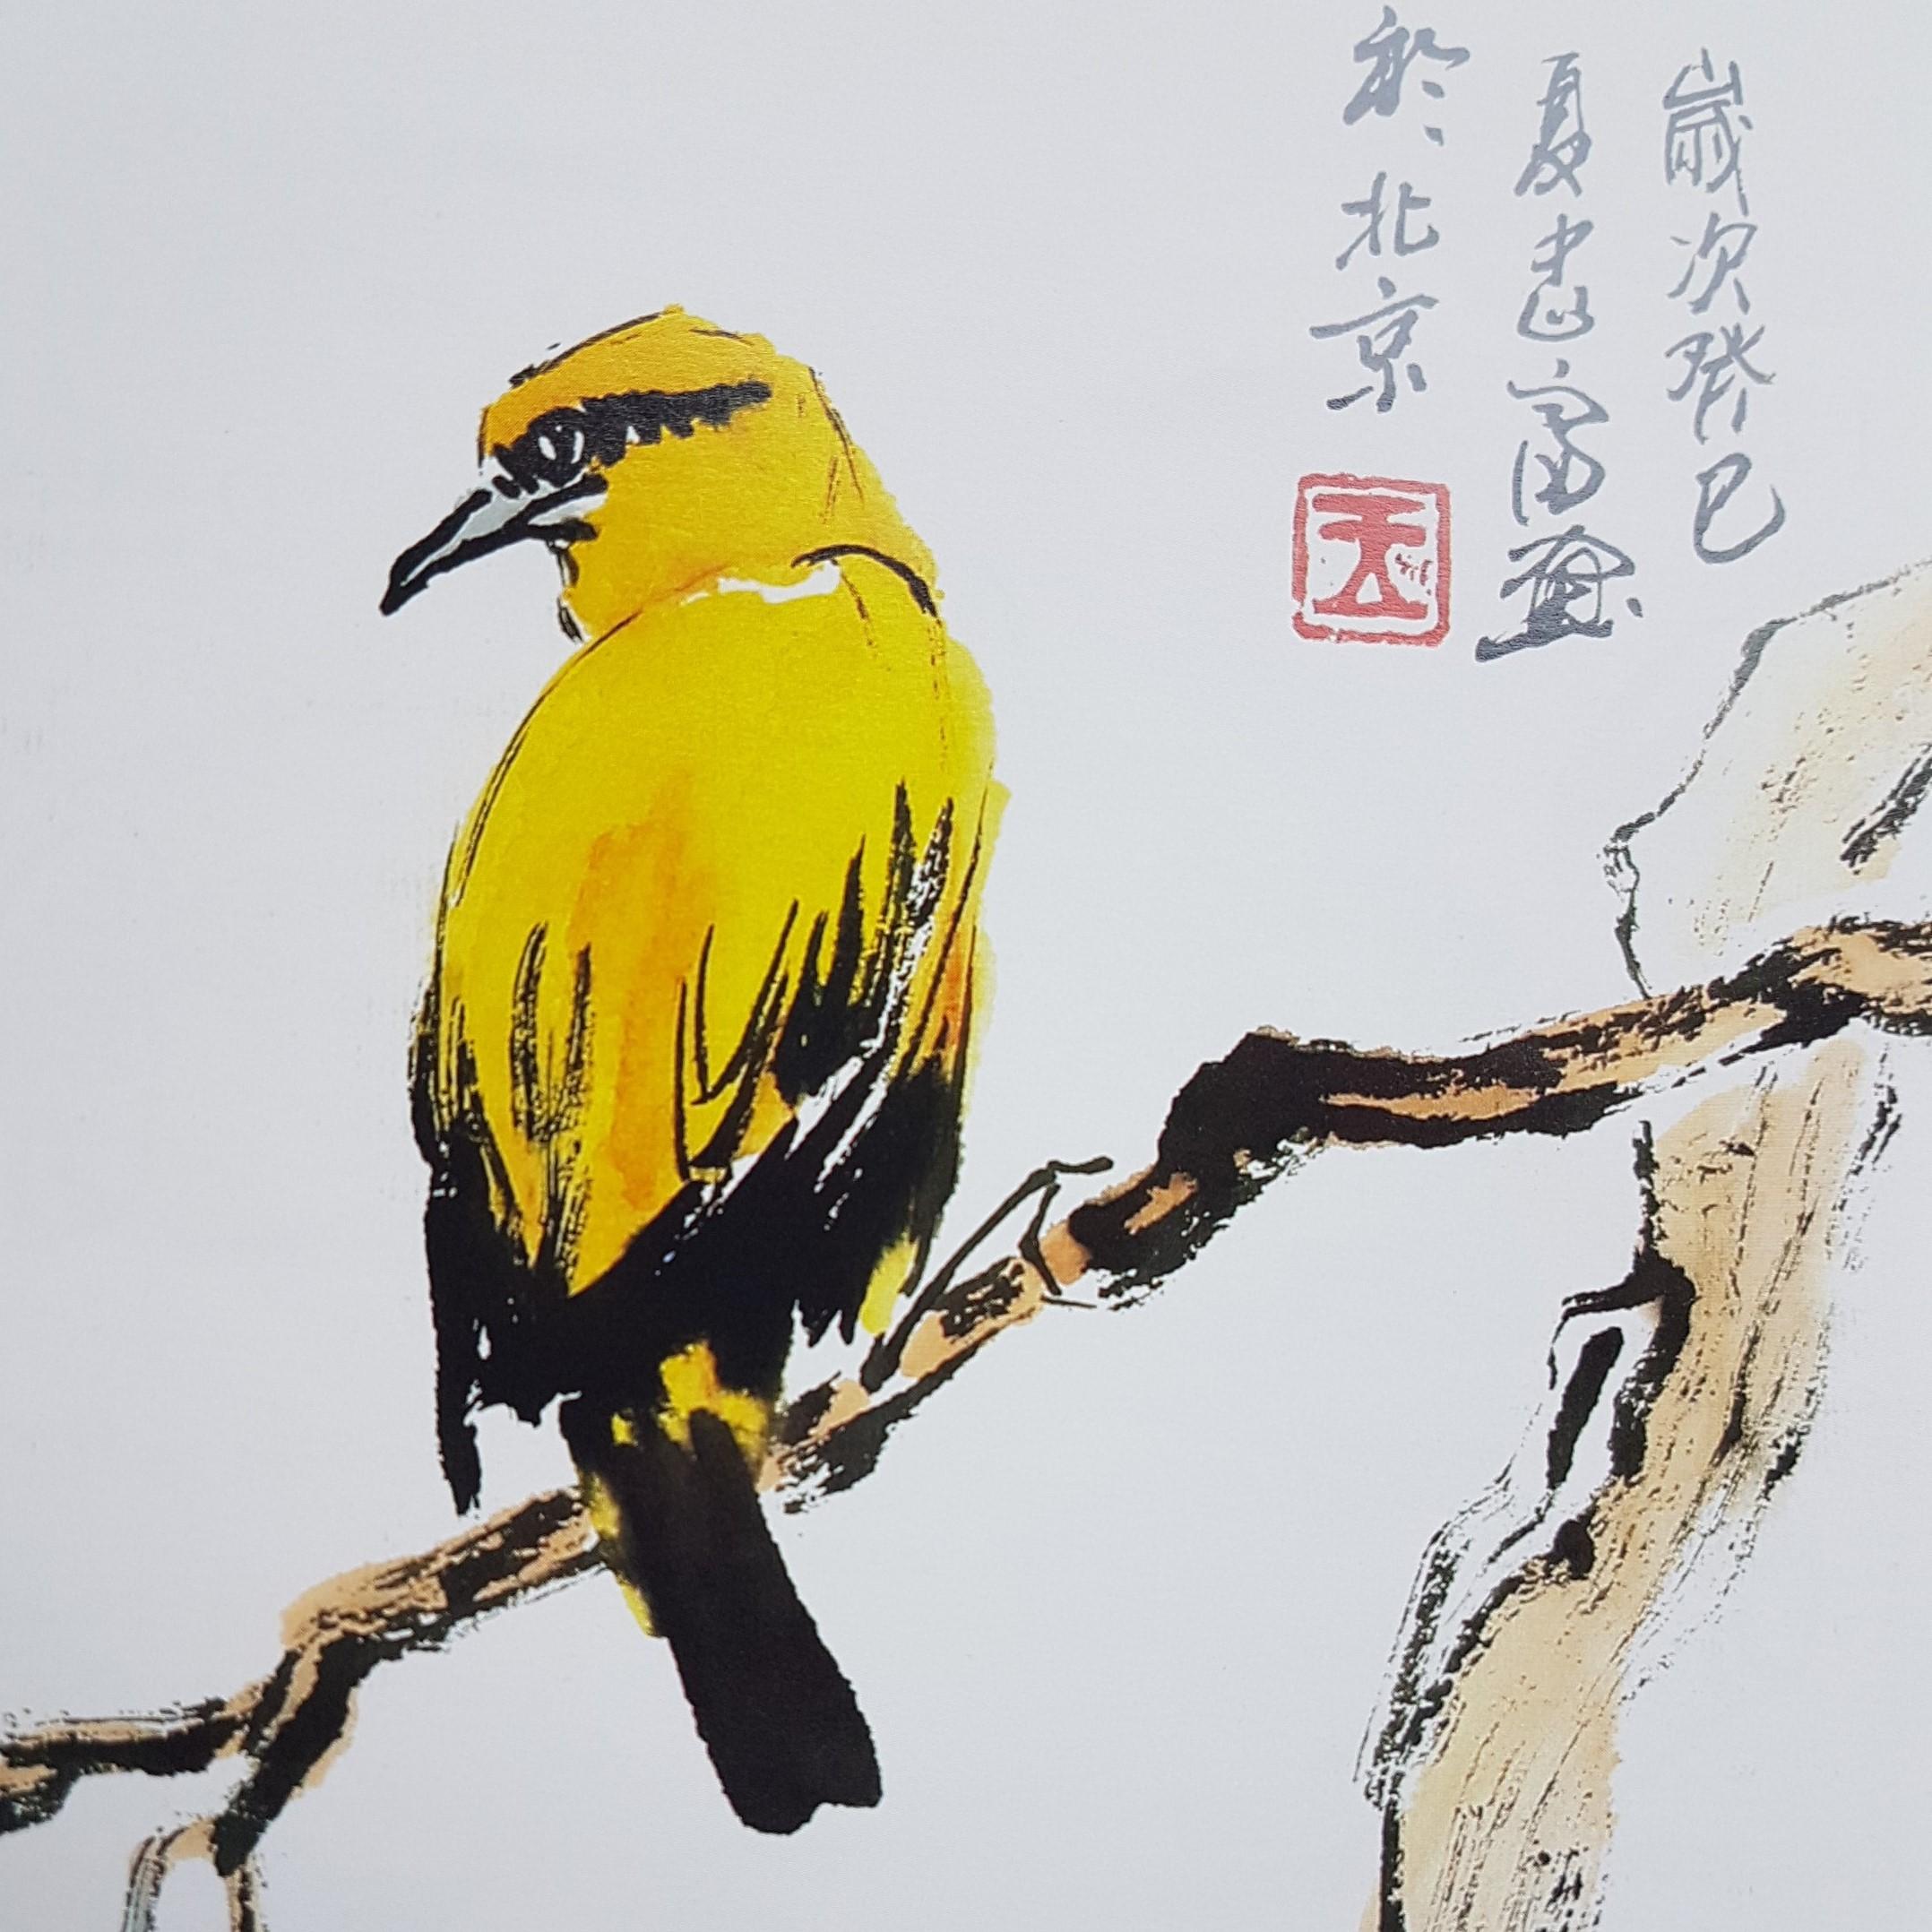 Chinees schilderen met inkt op rijstpapier - alle niveaus - creatief